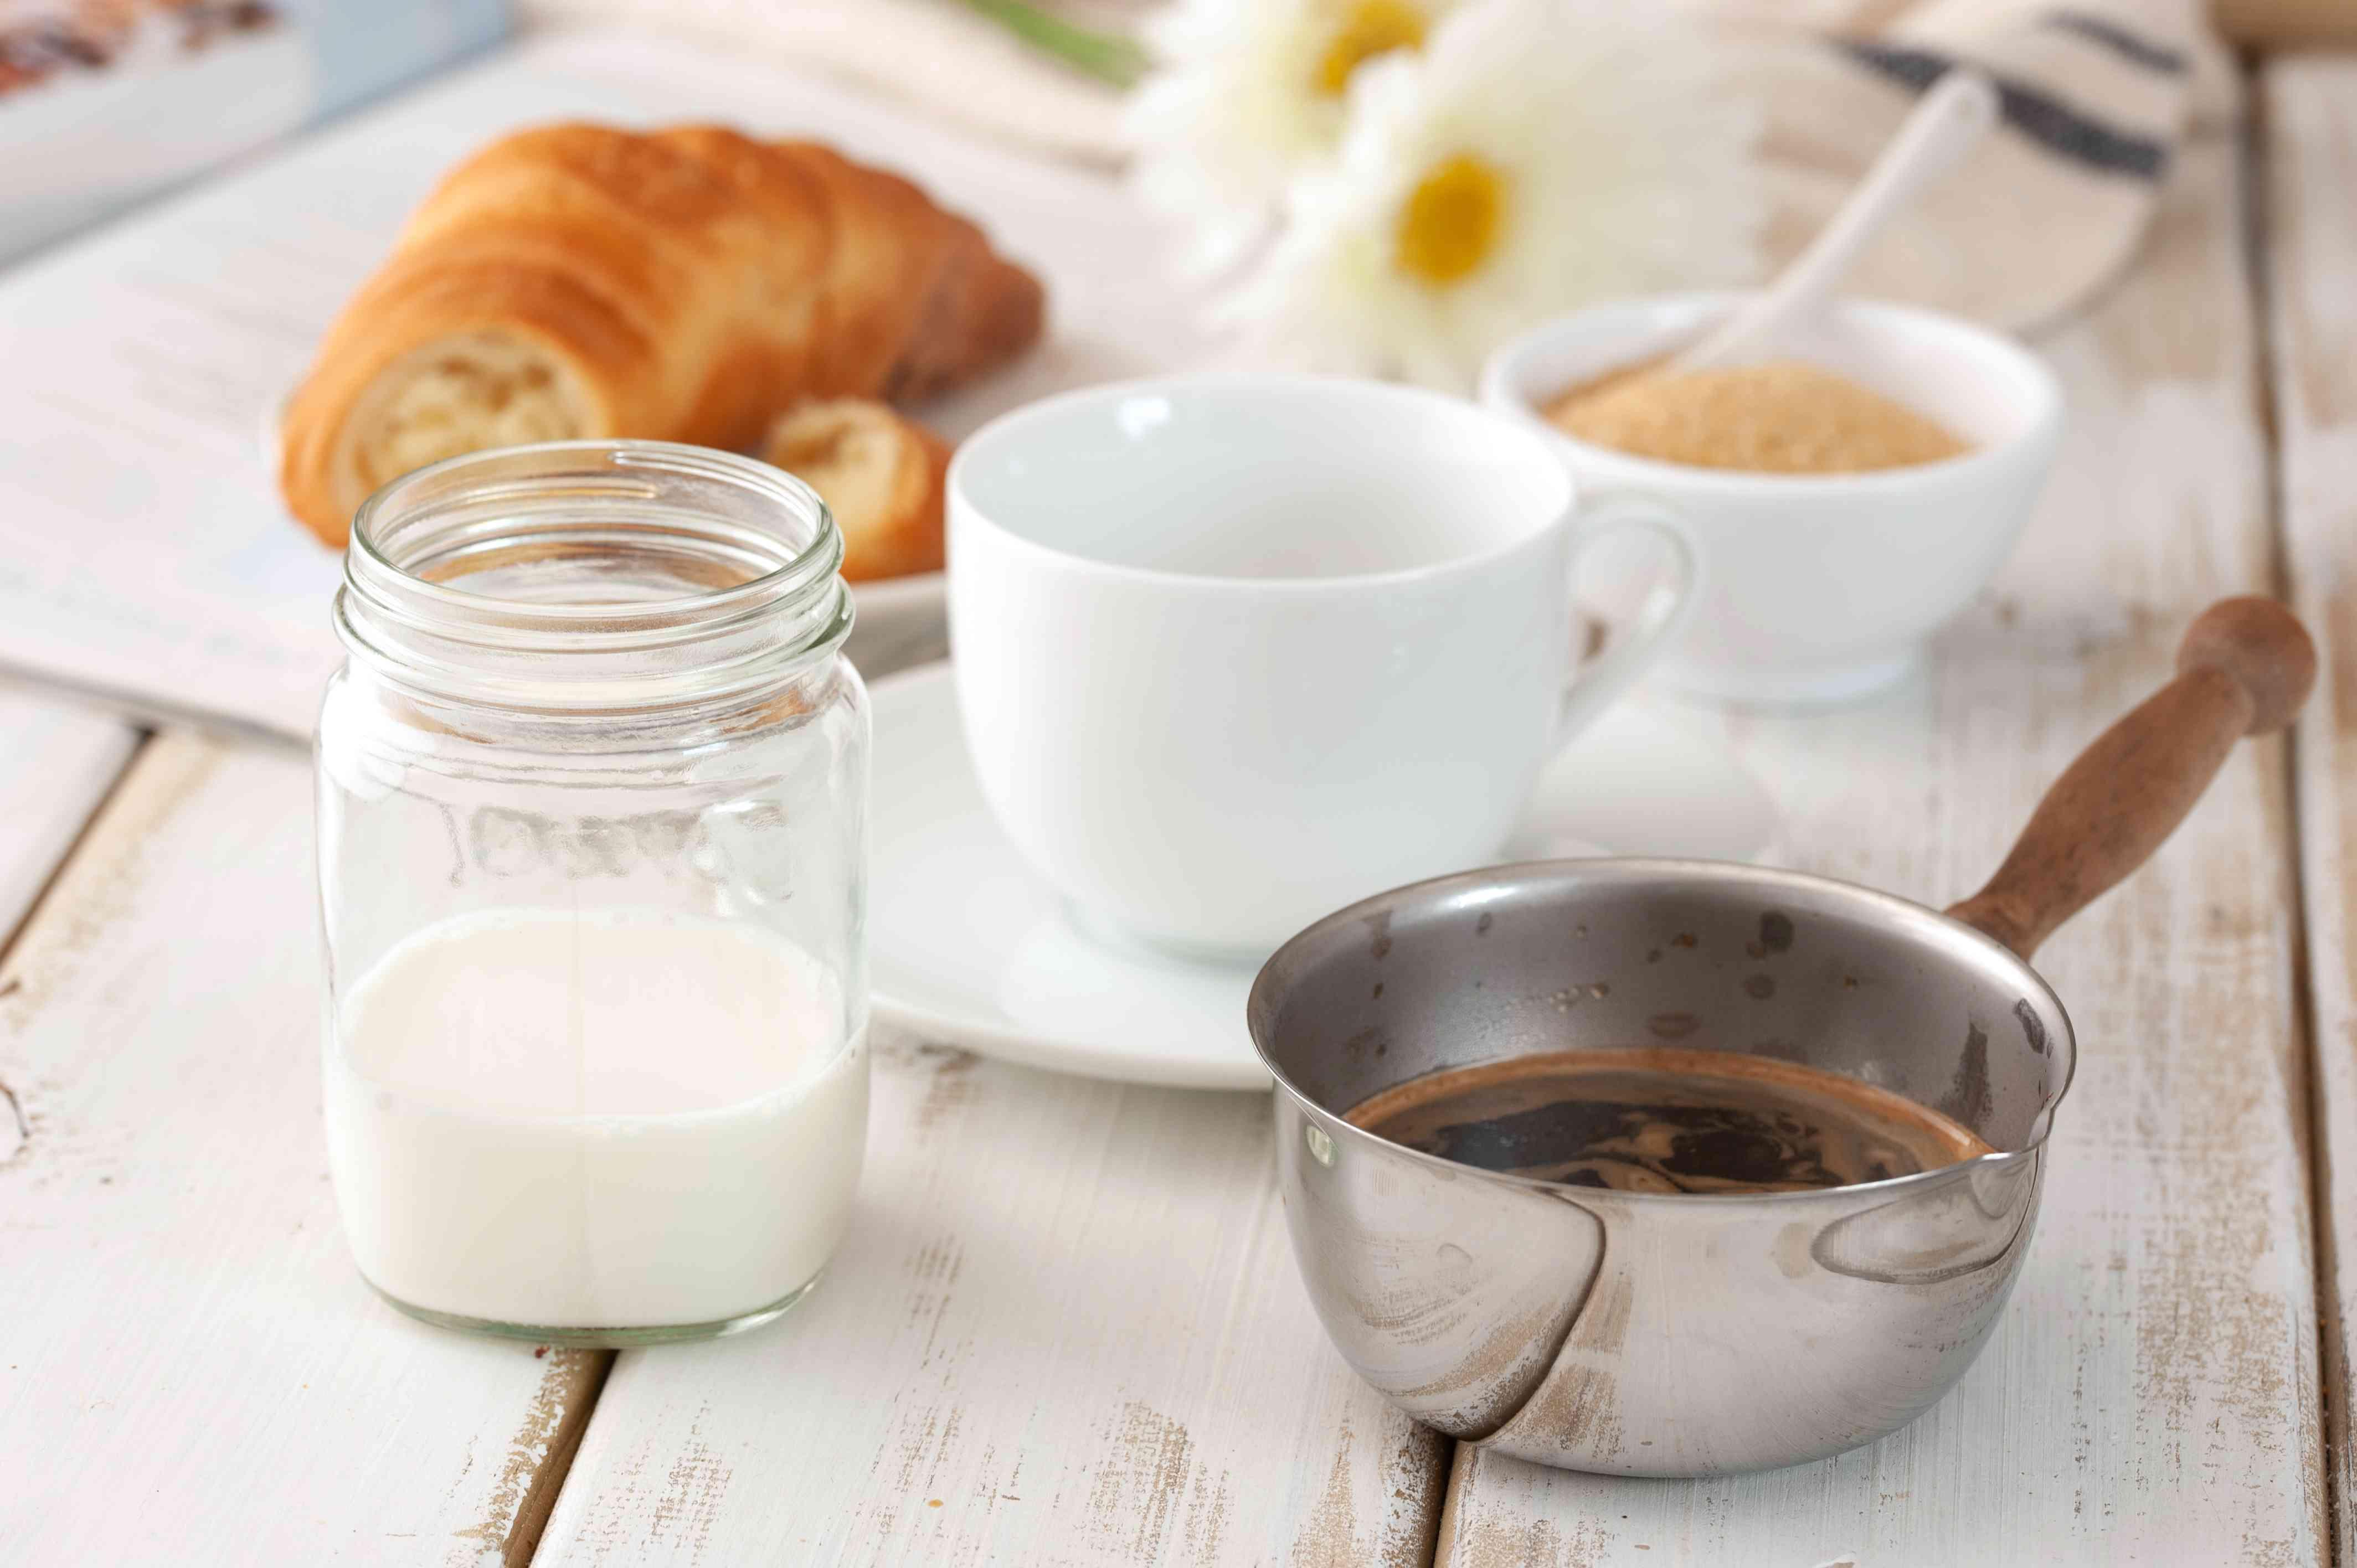 Ingredients for café au lait